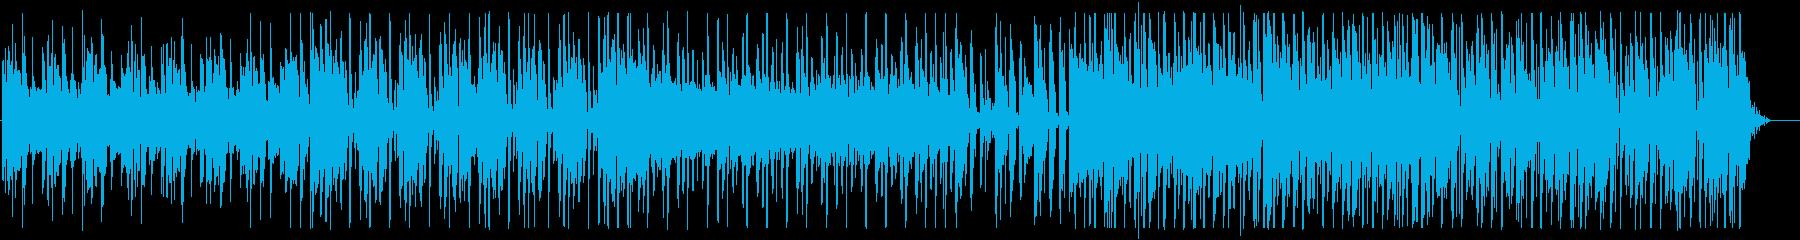 ノリの良い爽やかポップス_No519の再生済みの波形